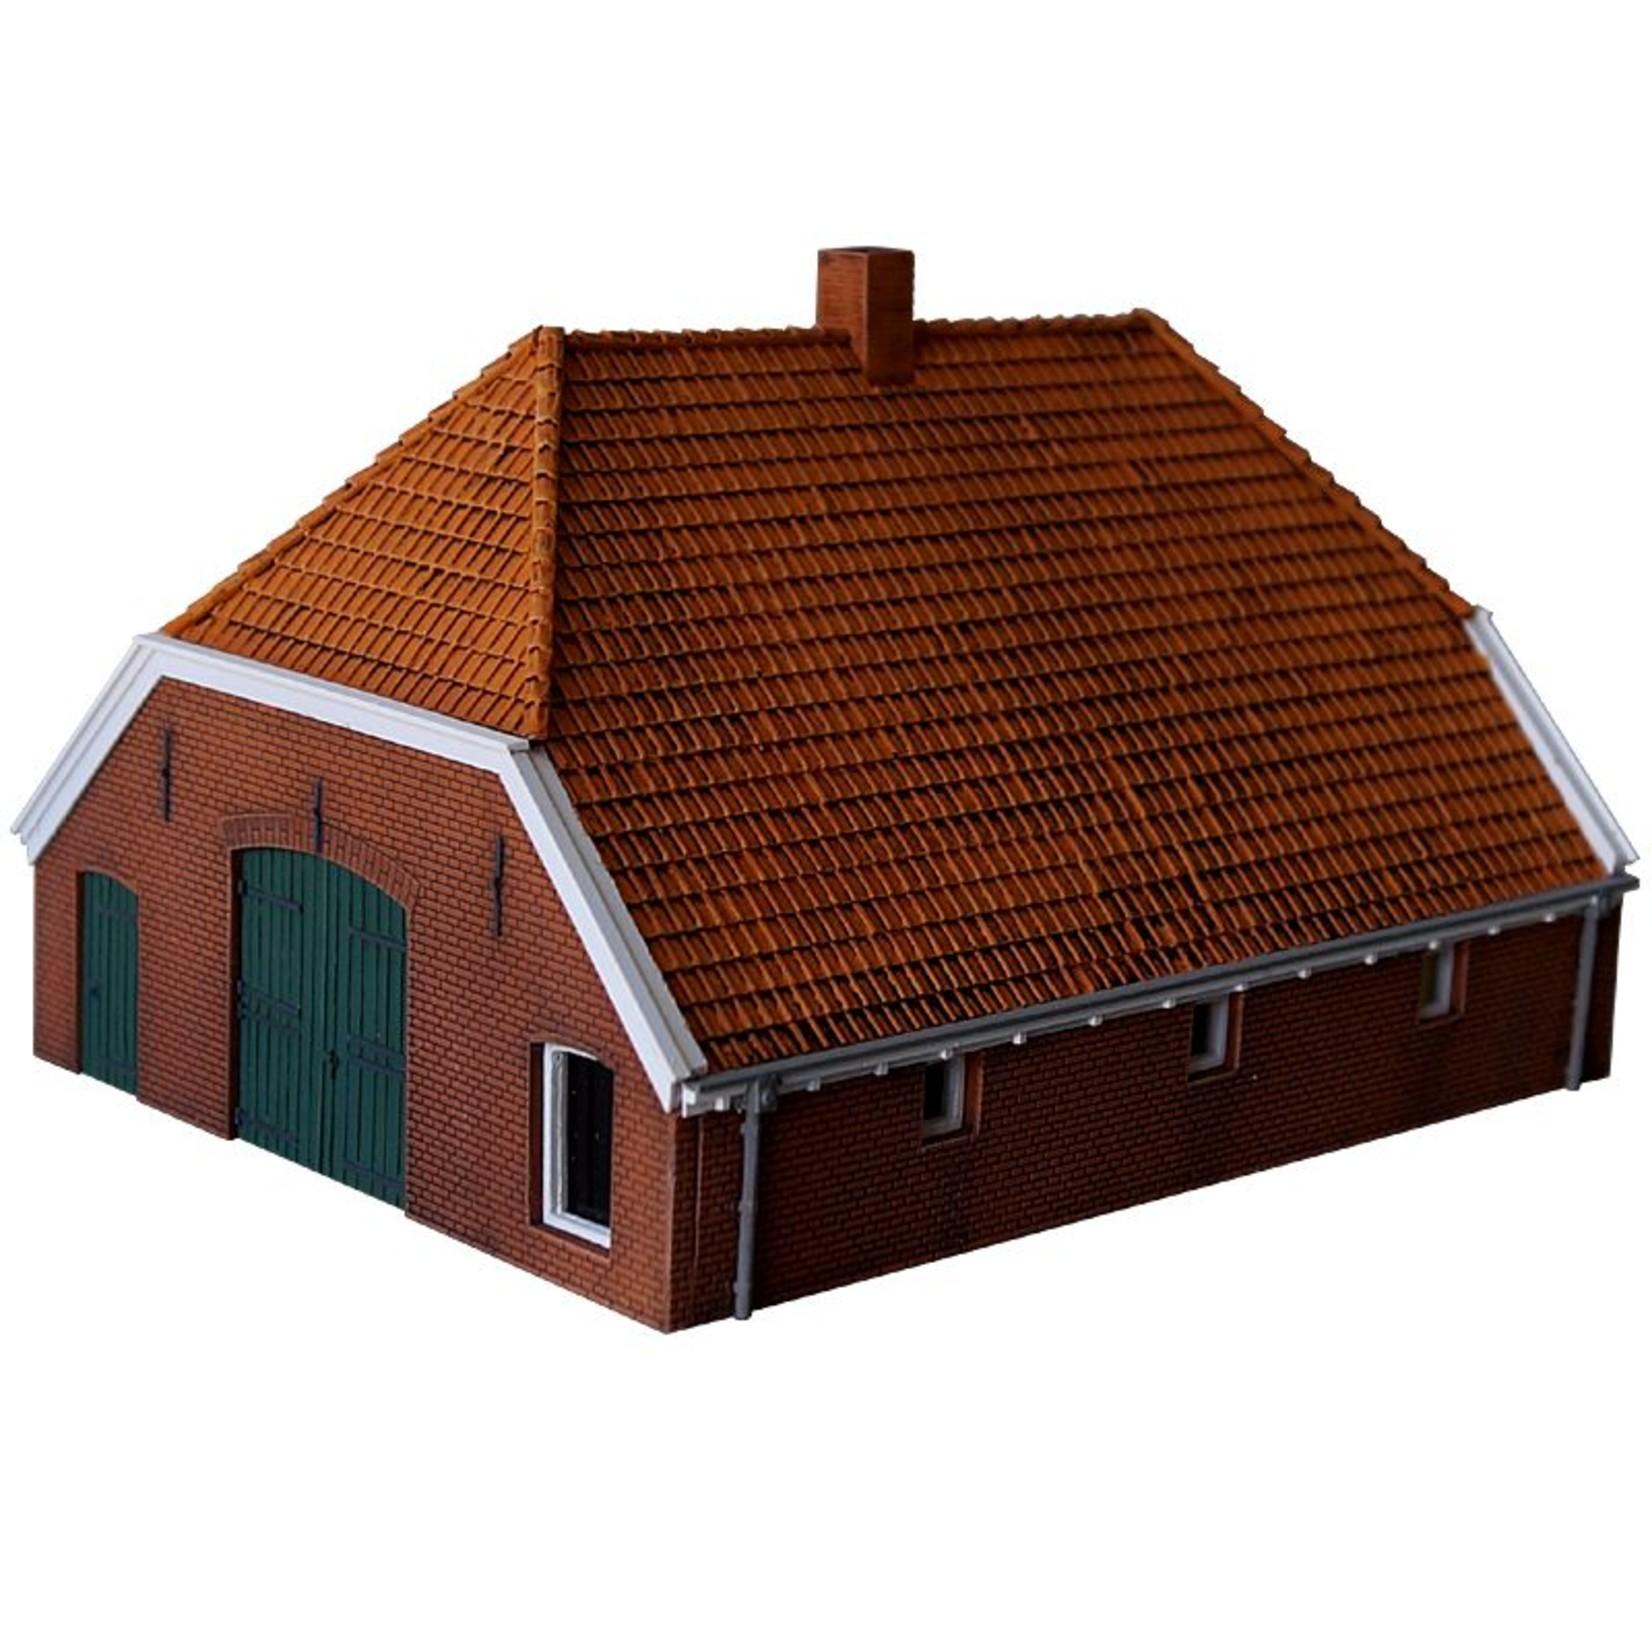 Farm House Huisseling